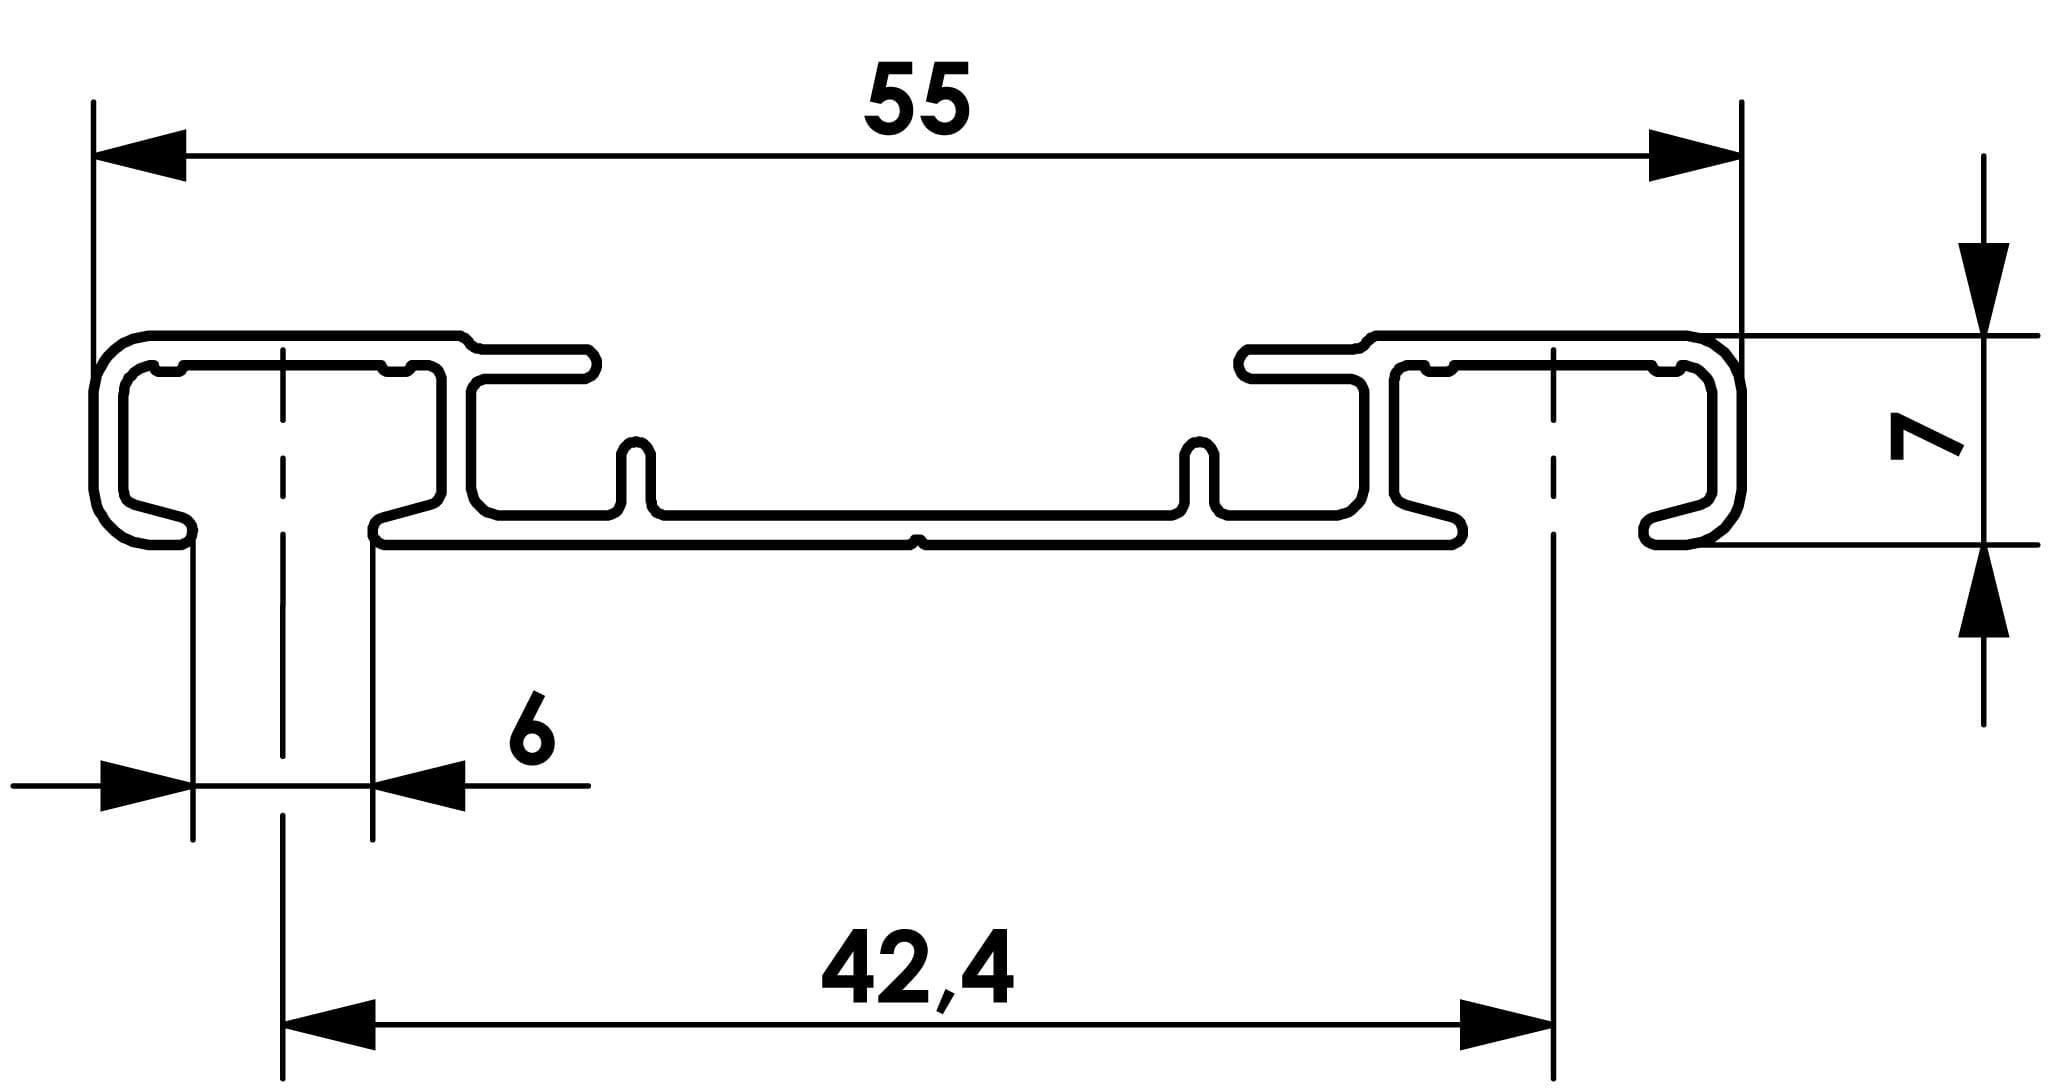 Przekrój szyny sufitowej dwutorowej